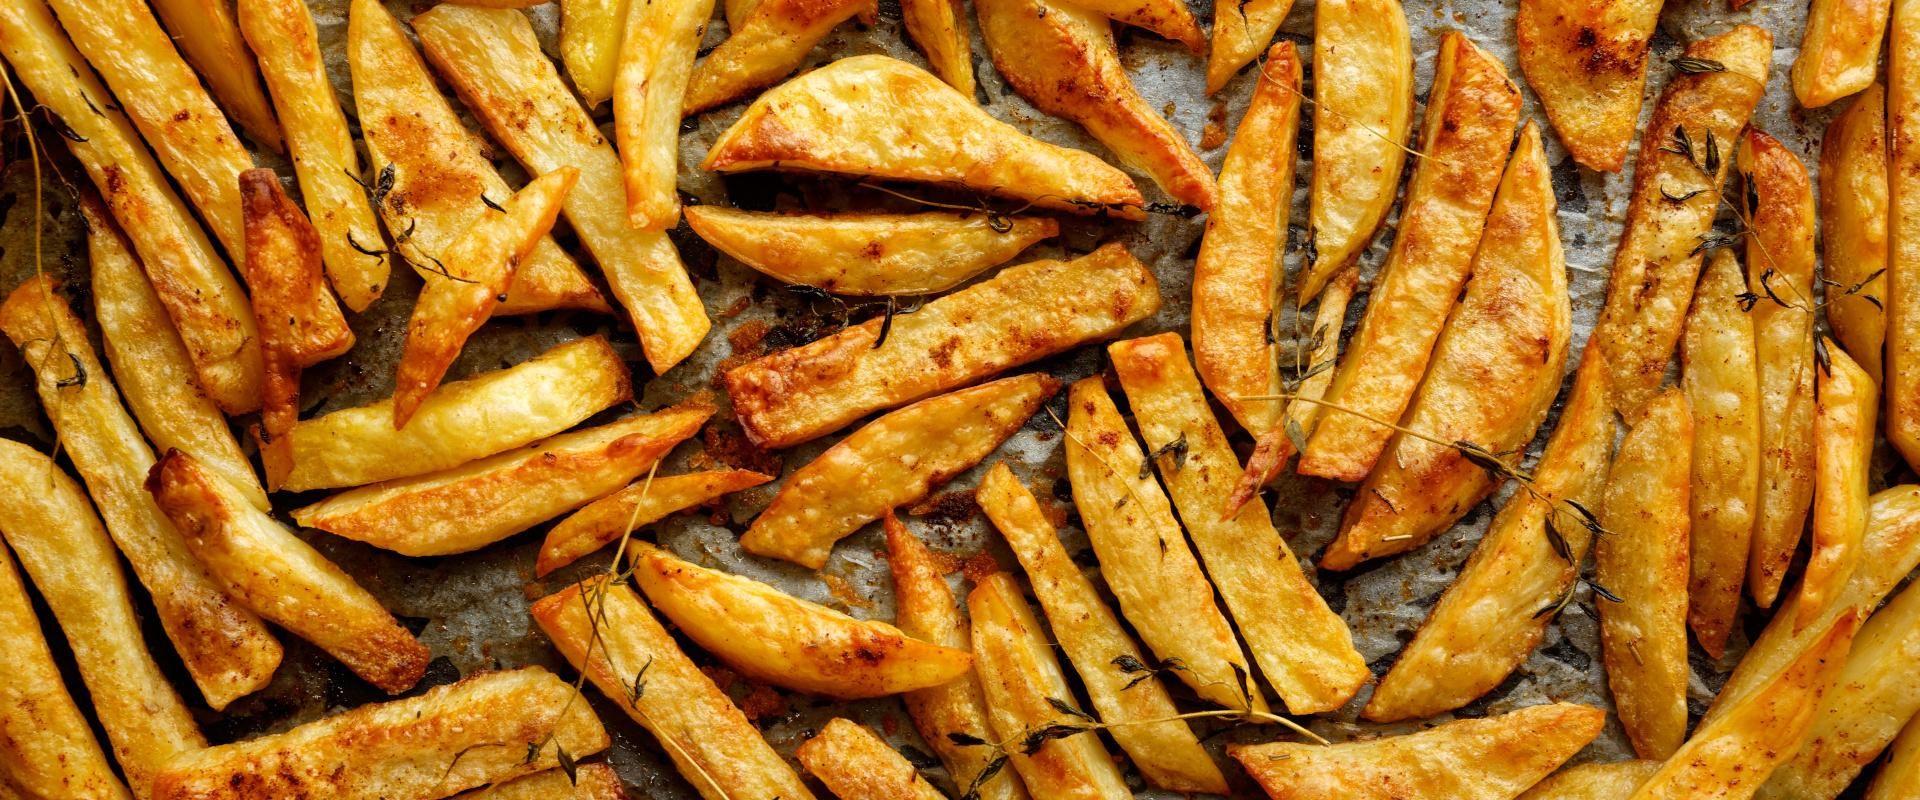 sütőben sült krumpli cover